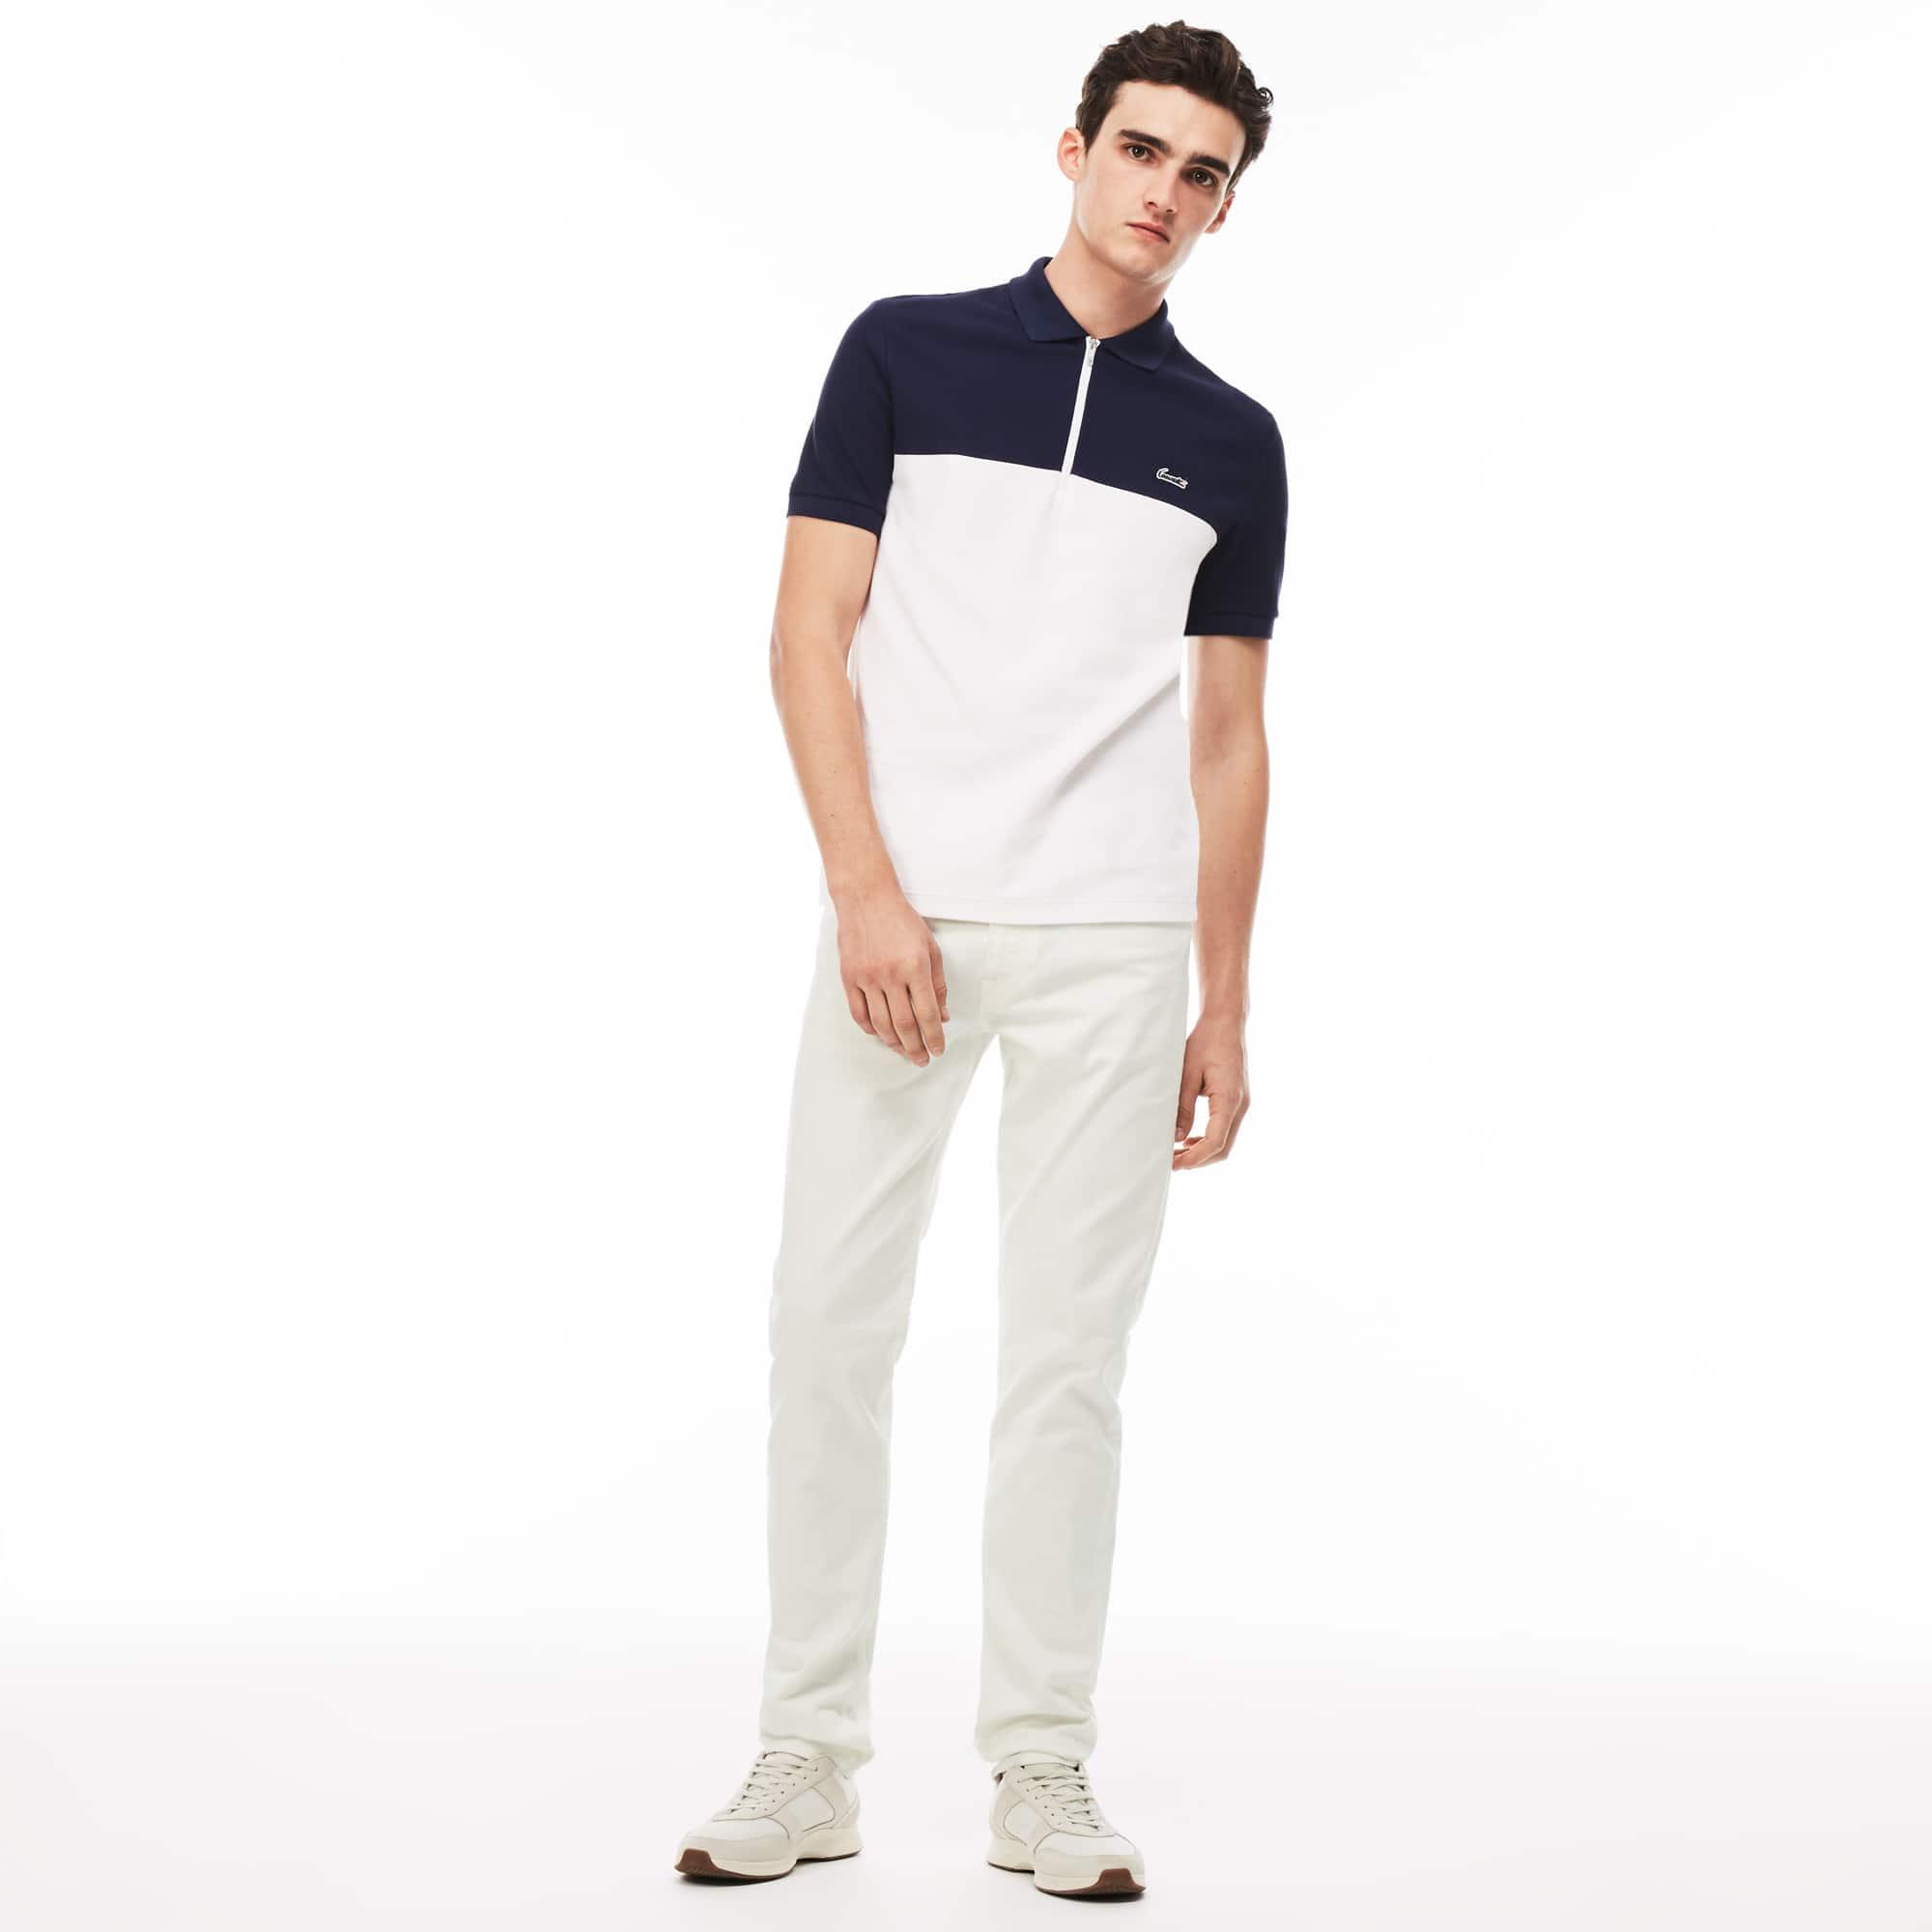 Pantaloni 5 tasche slim fit in twill di cotone stretch tinta unita